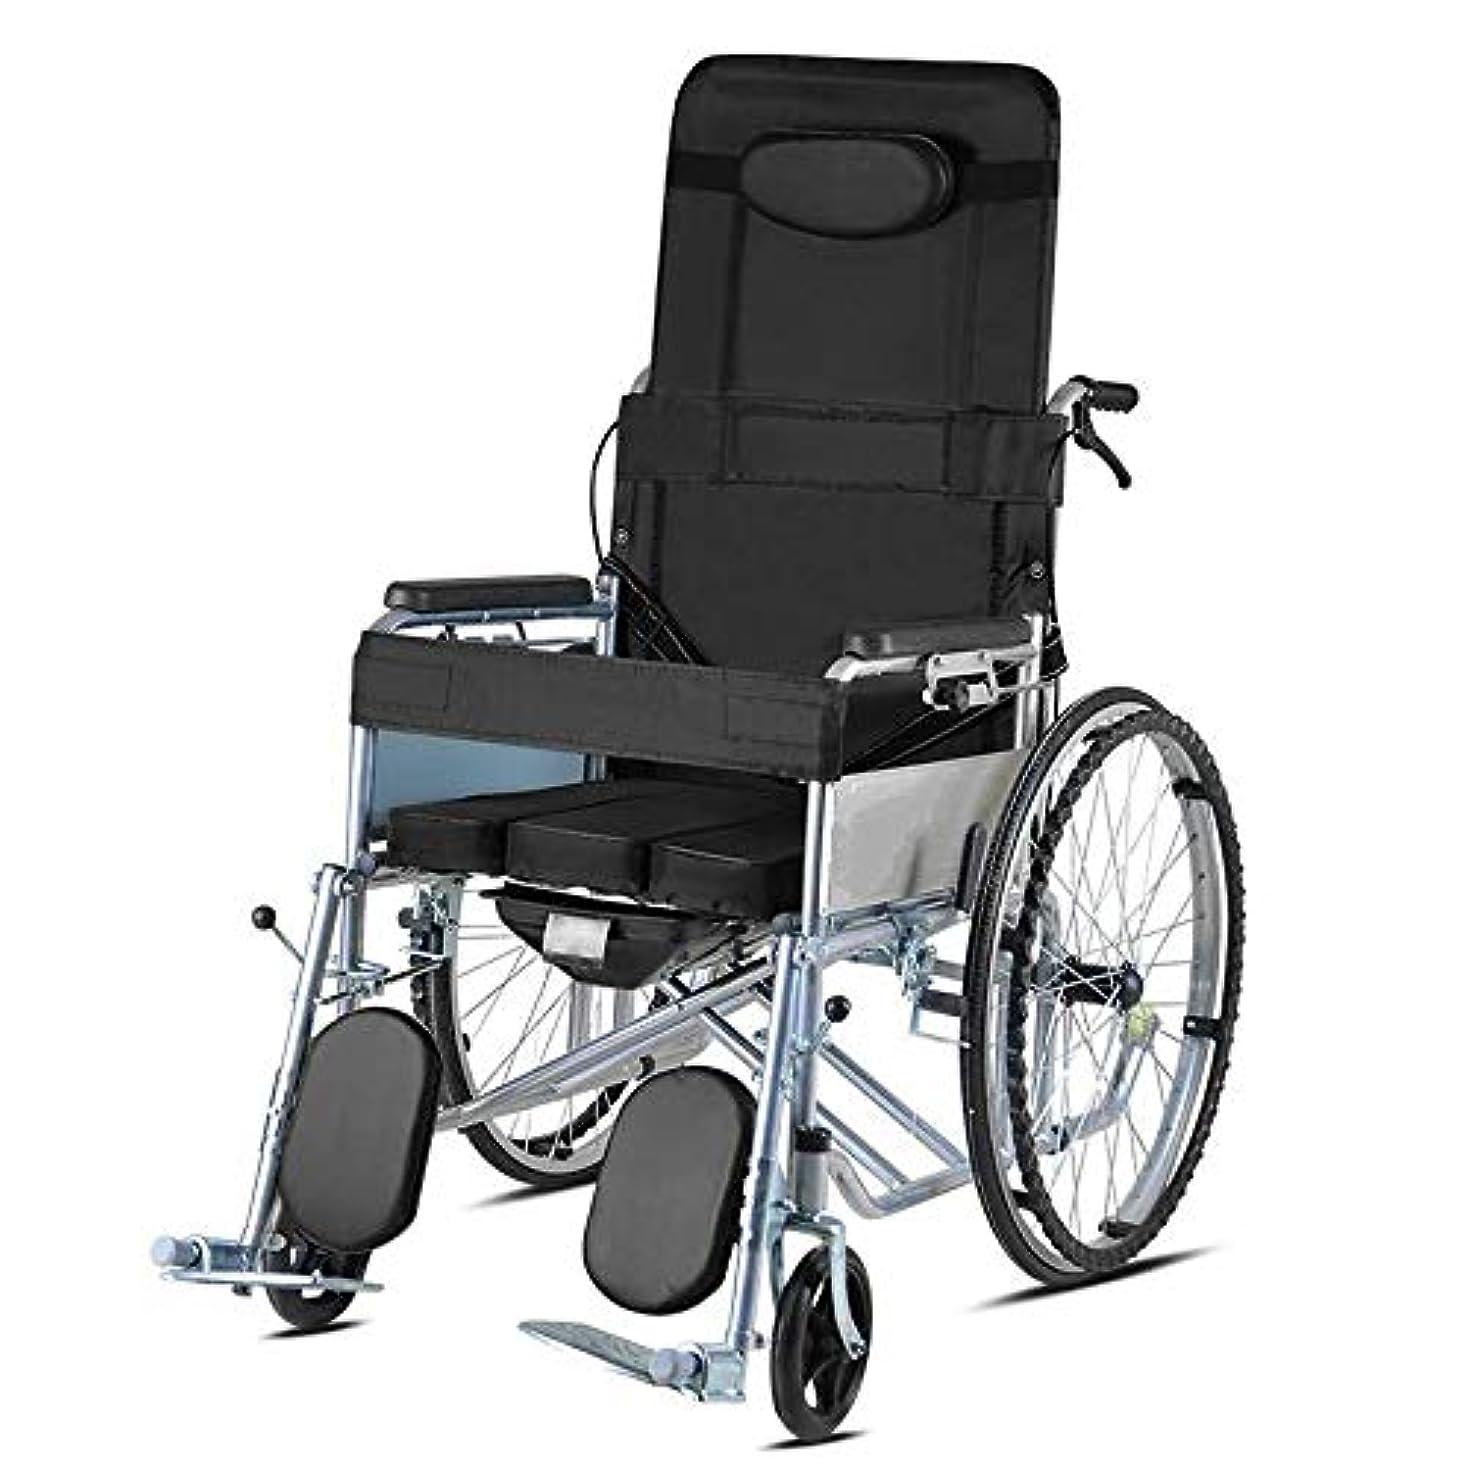 バランス入場料ハウス折りたたみ式軽量車椅子ポータブルフルリクライニング式、高齢者用シートベルト付き移動式車椅子障害者用多機能半横長高齢者用スクーター厚鋼製車椅子